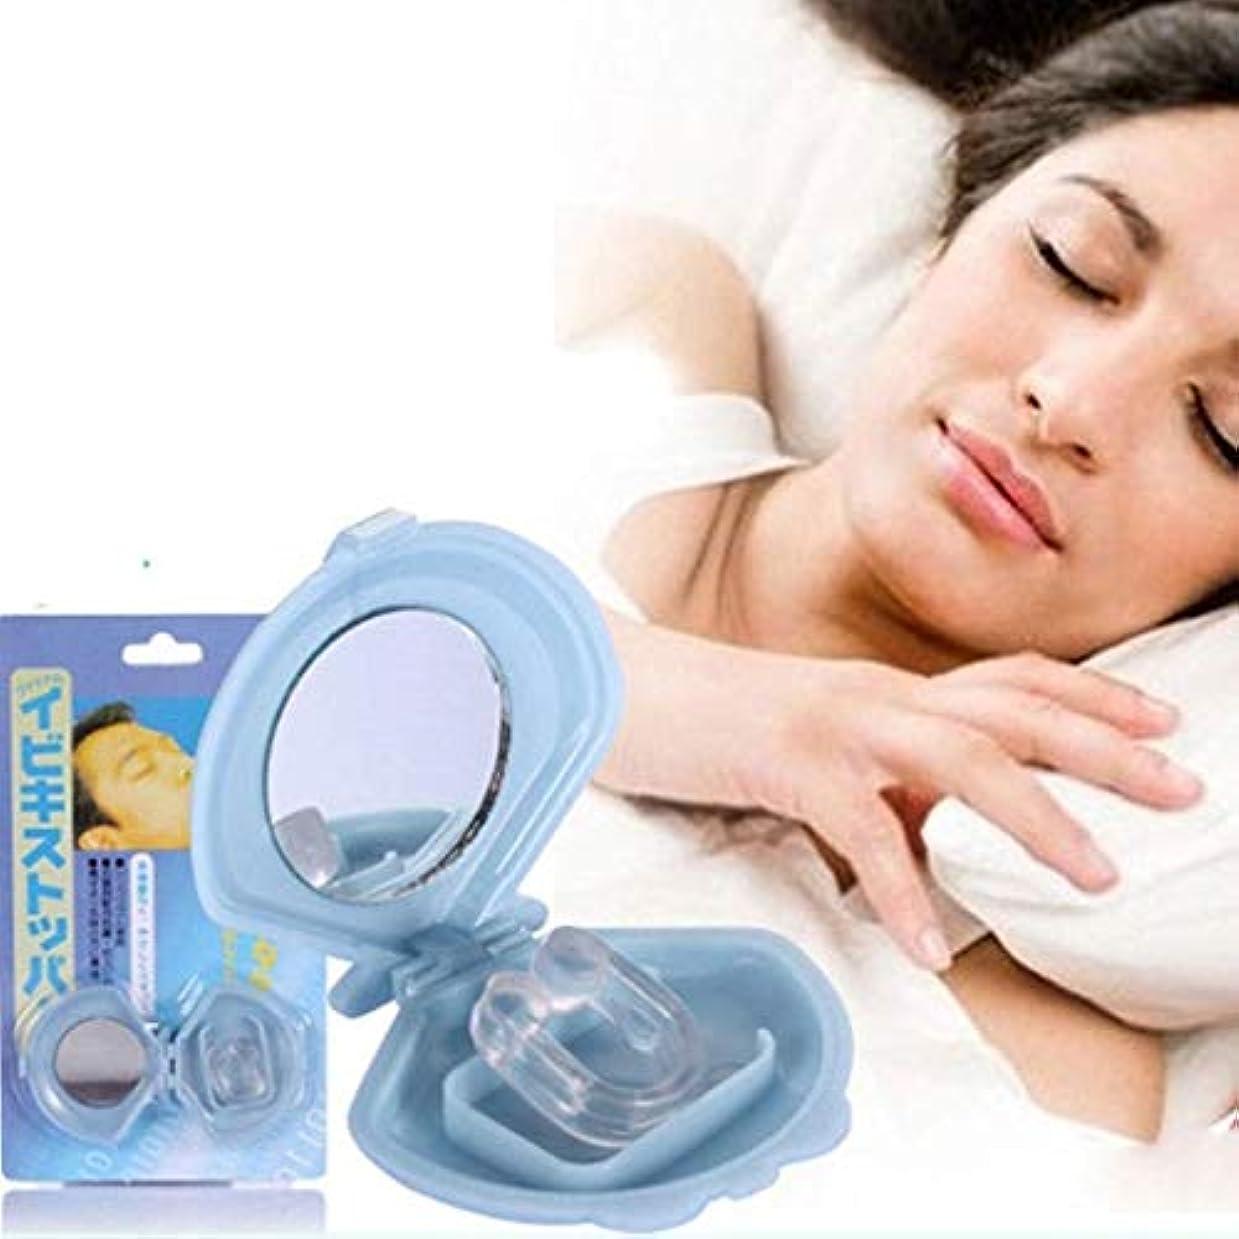 打ち負かすそこから不名誉アンチいびき鼻クリップ - キャリーケース付き寝具